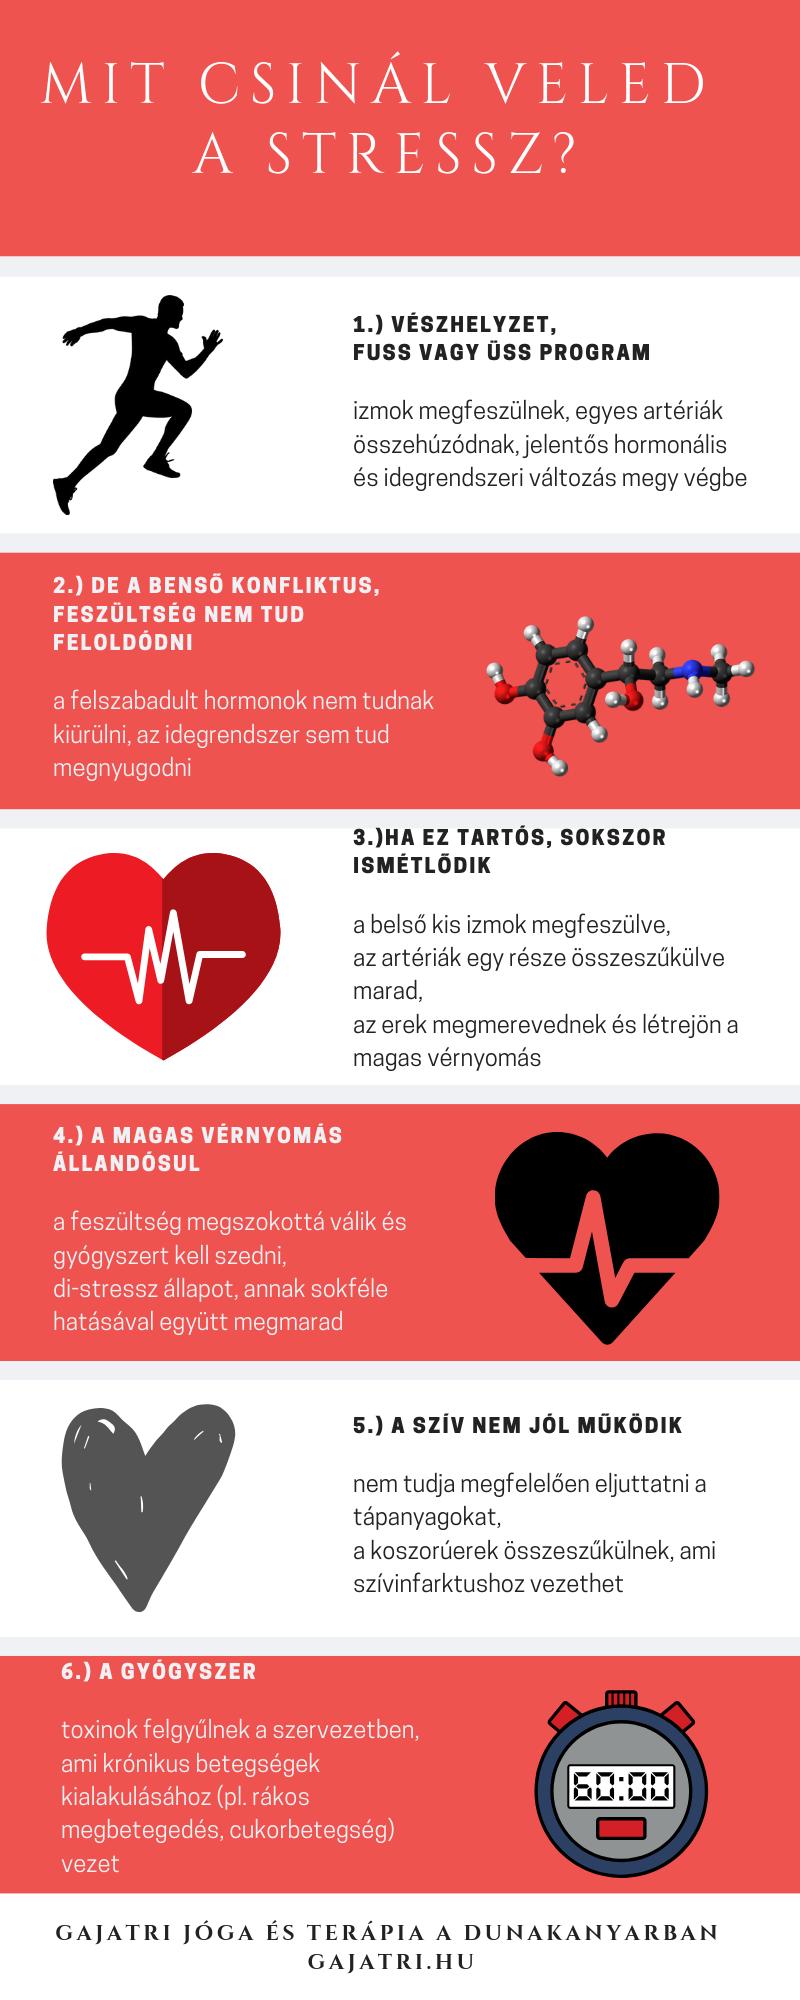 mi az igazi magas vérnyomás